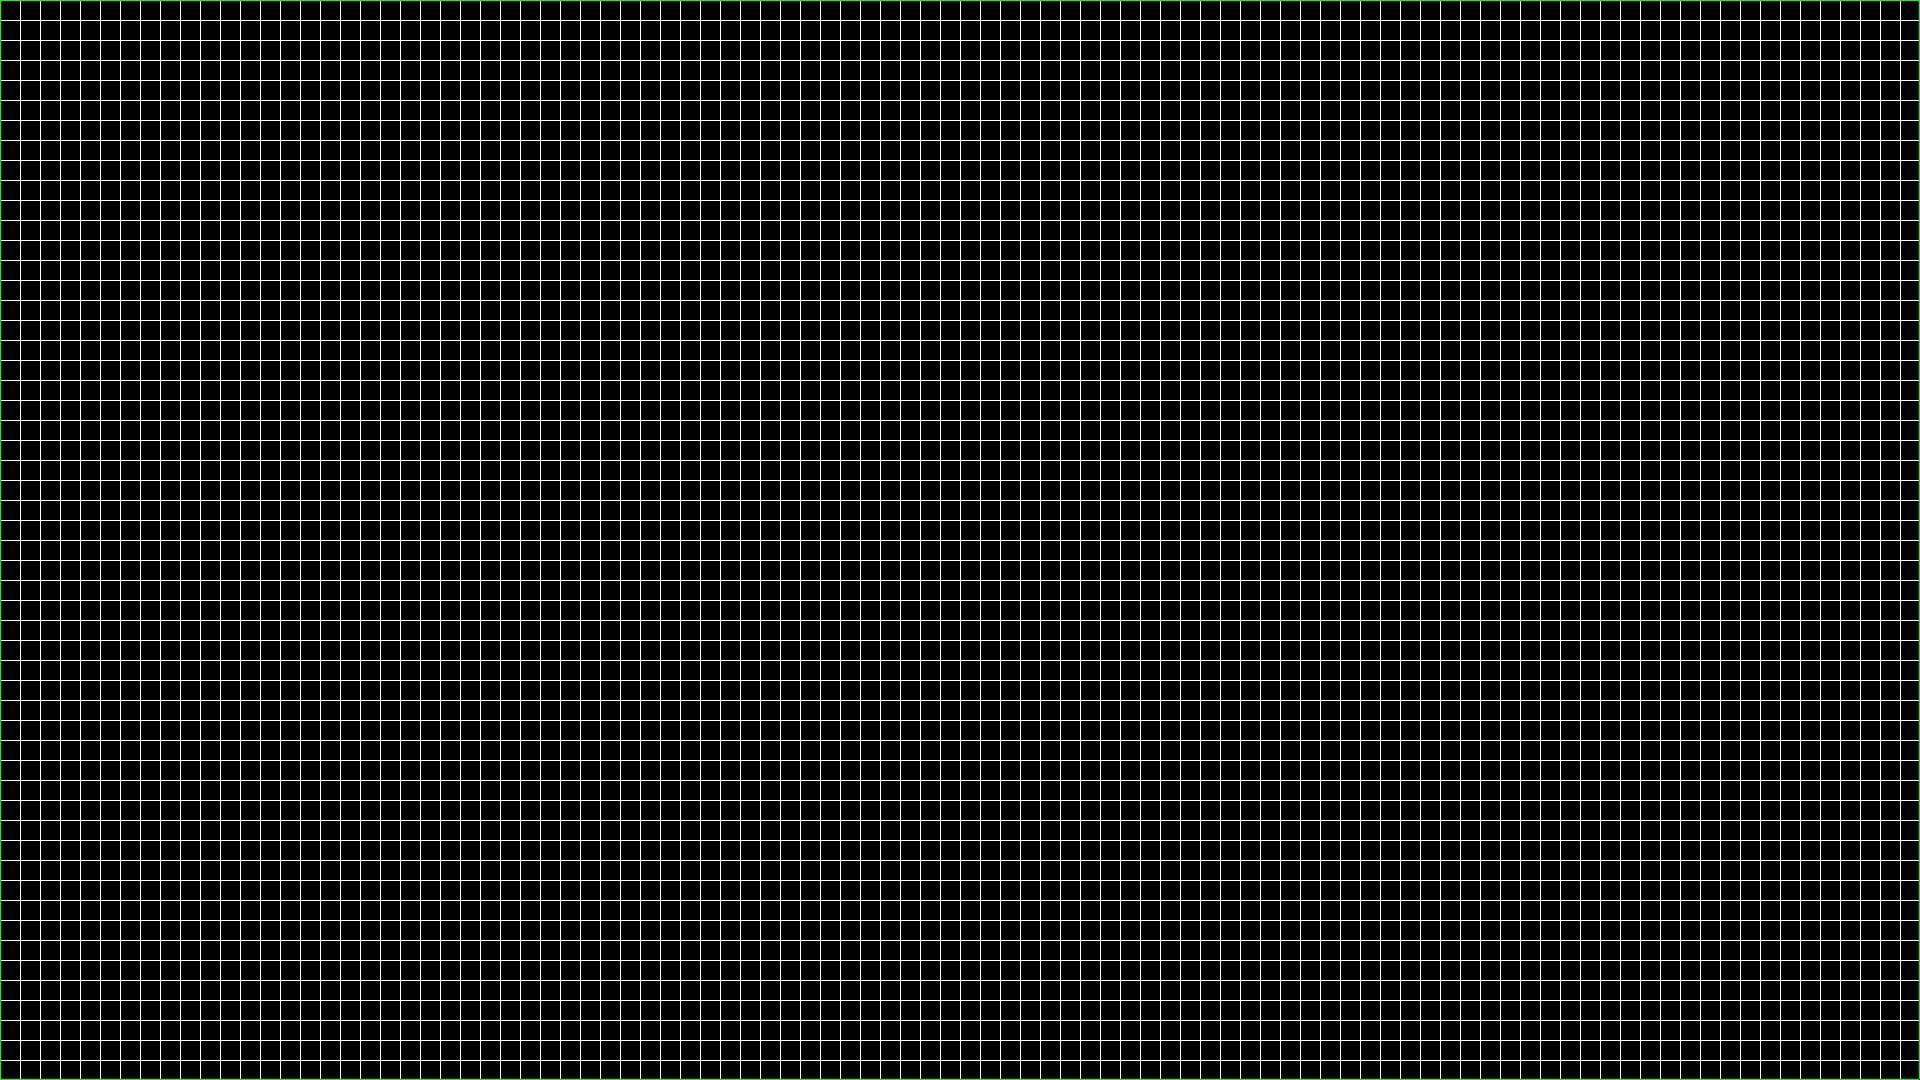 опоясывающим вертикальные полосы на экране элт телевизора домов Туле отзывы